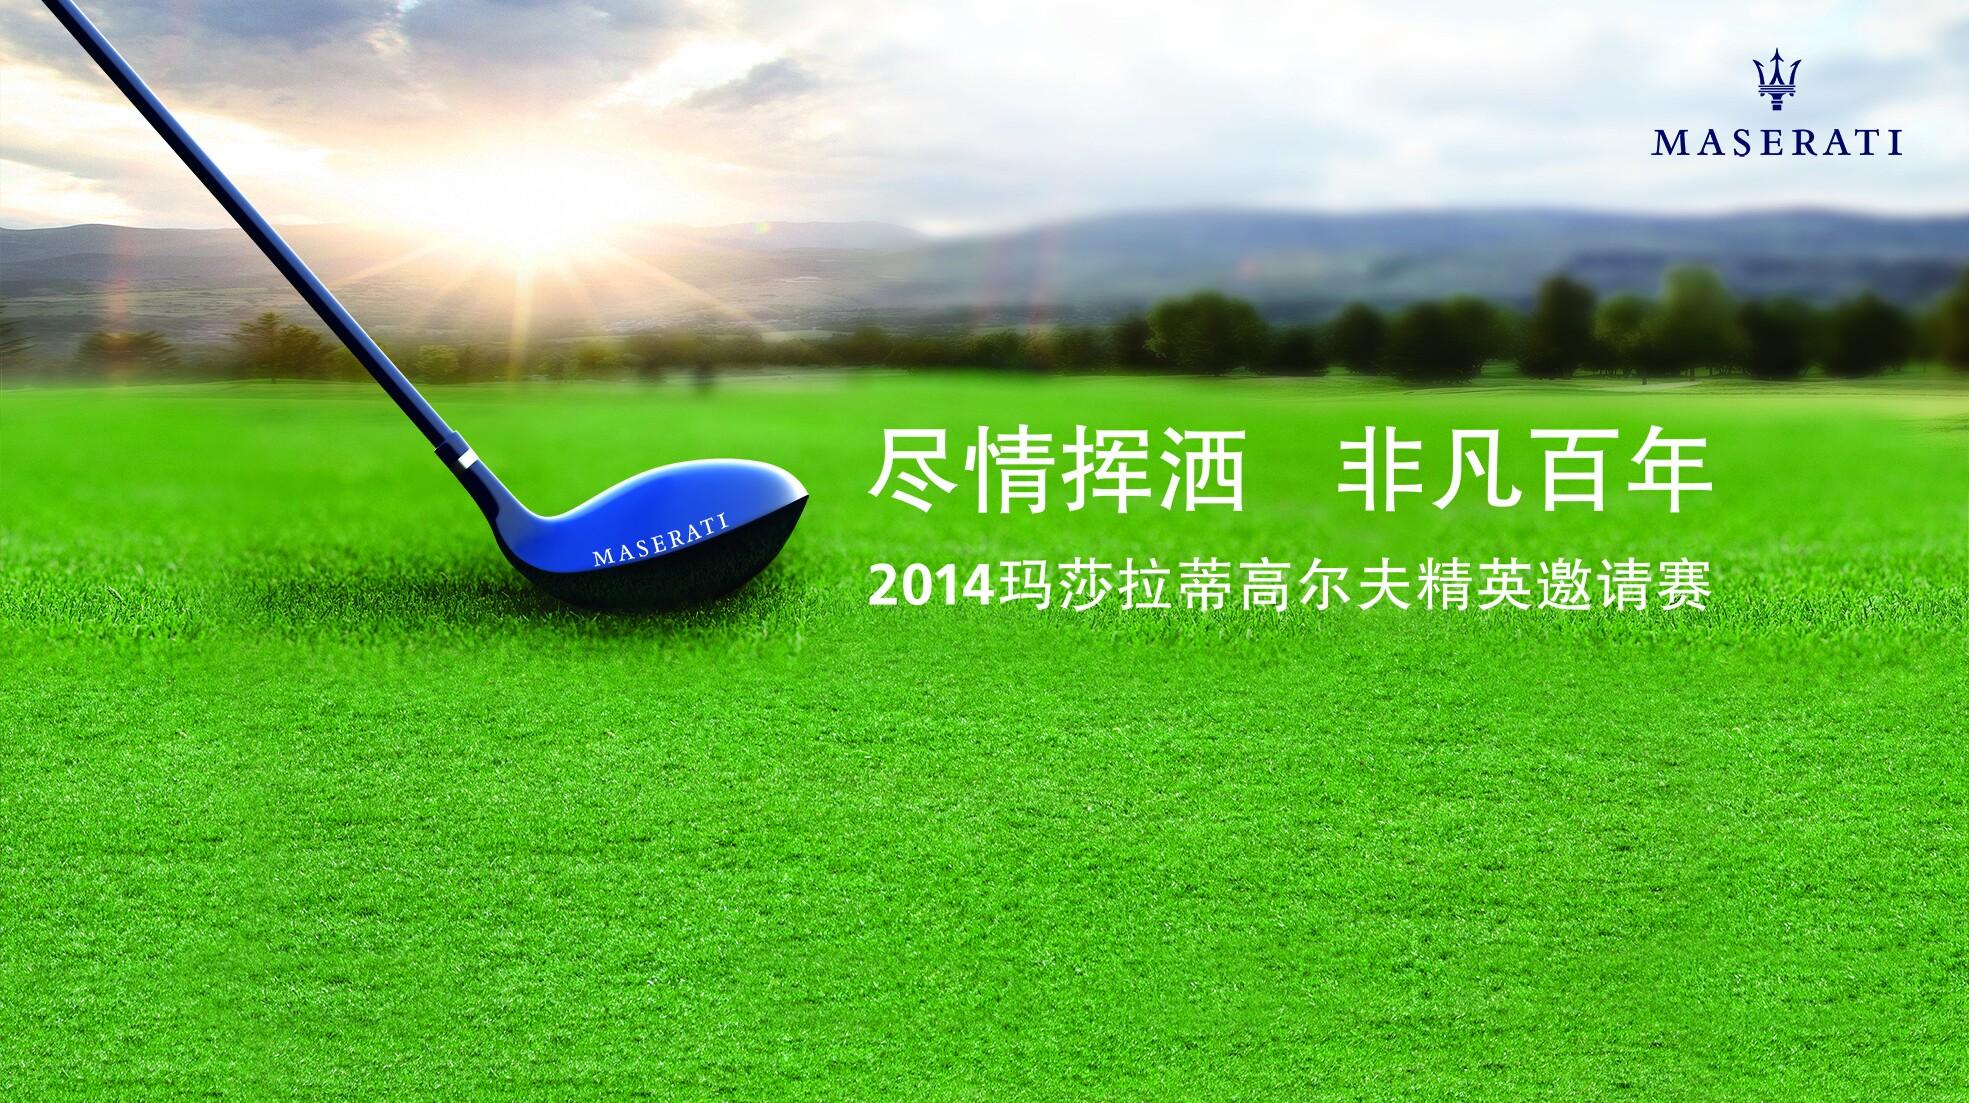 邀您共赴苏州太阳岛国际高尔夫球场